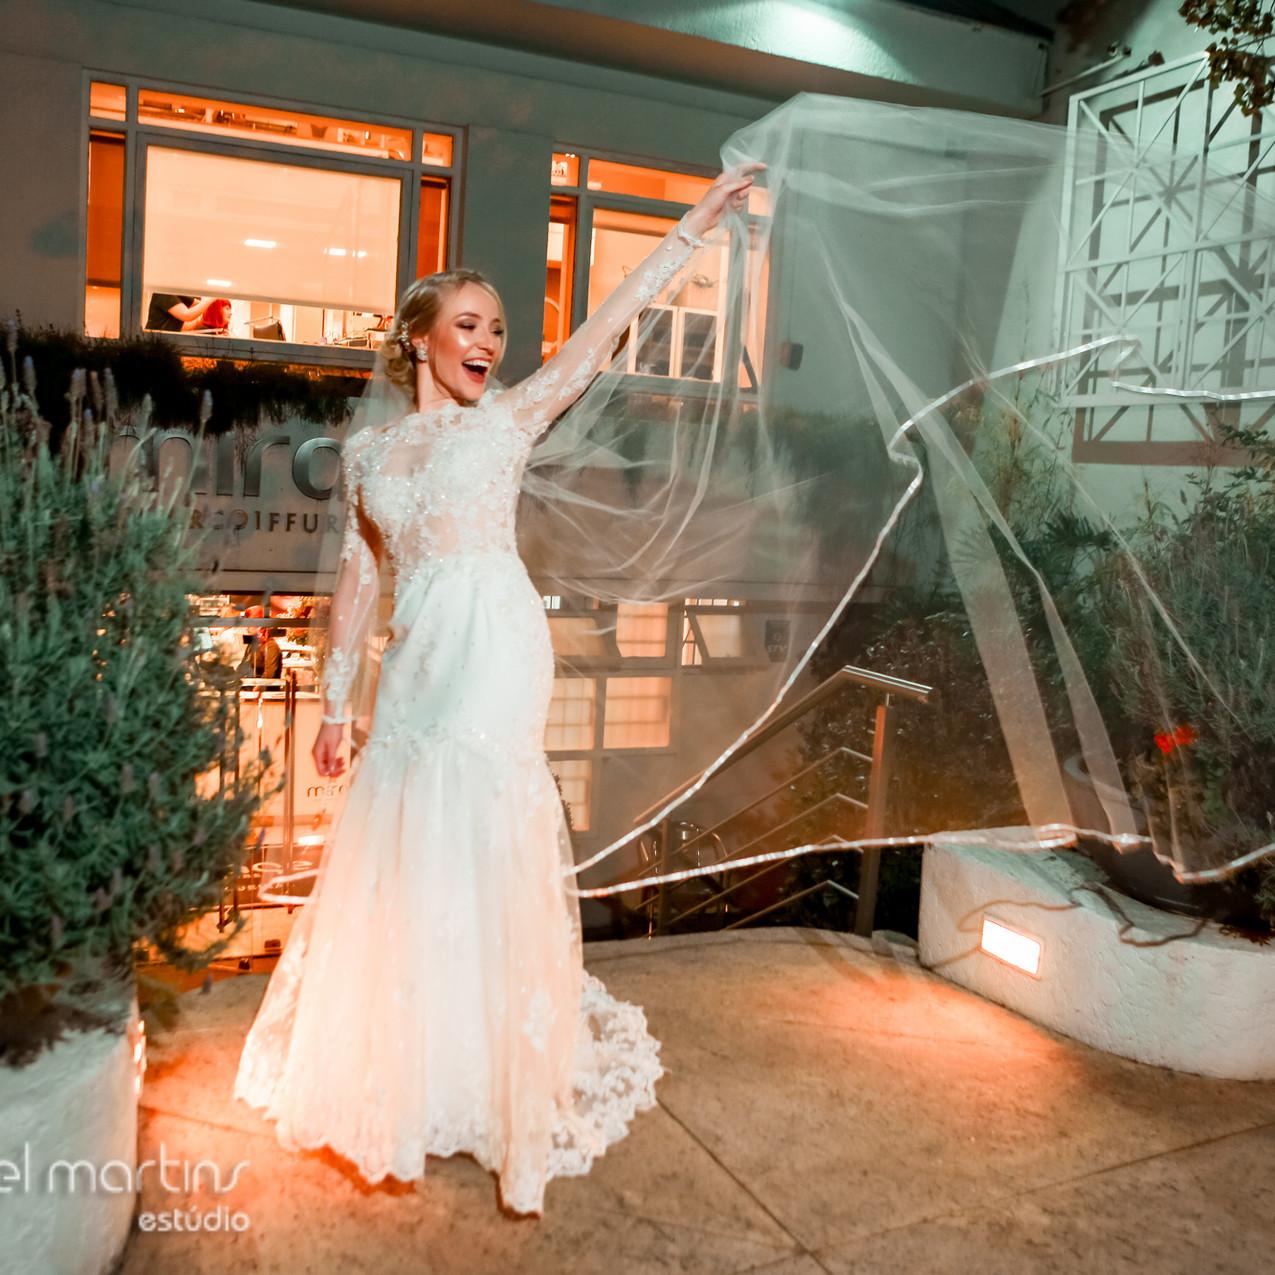 BeR-0339-fotografo-casamento-wedding-gotadagua-rustico-brunaeraul-boho-diy-portoalegre-daniel-martins